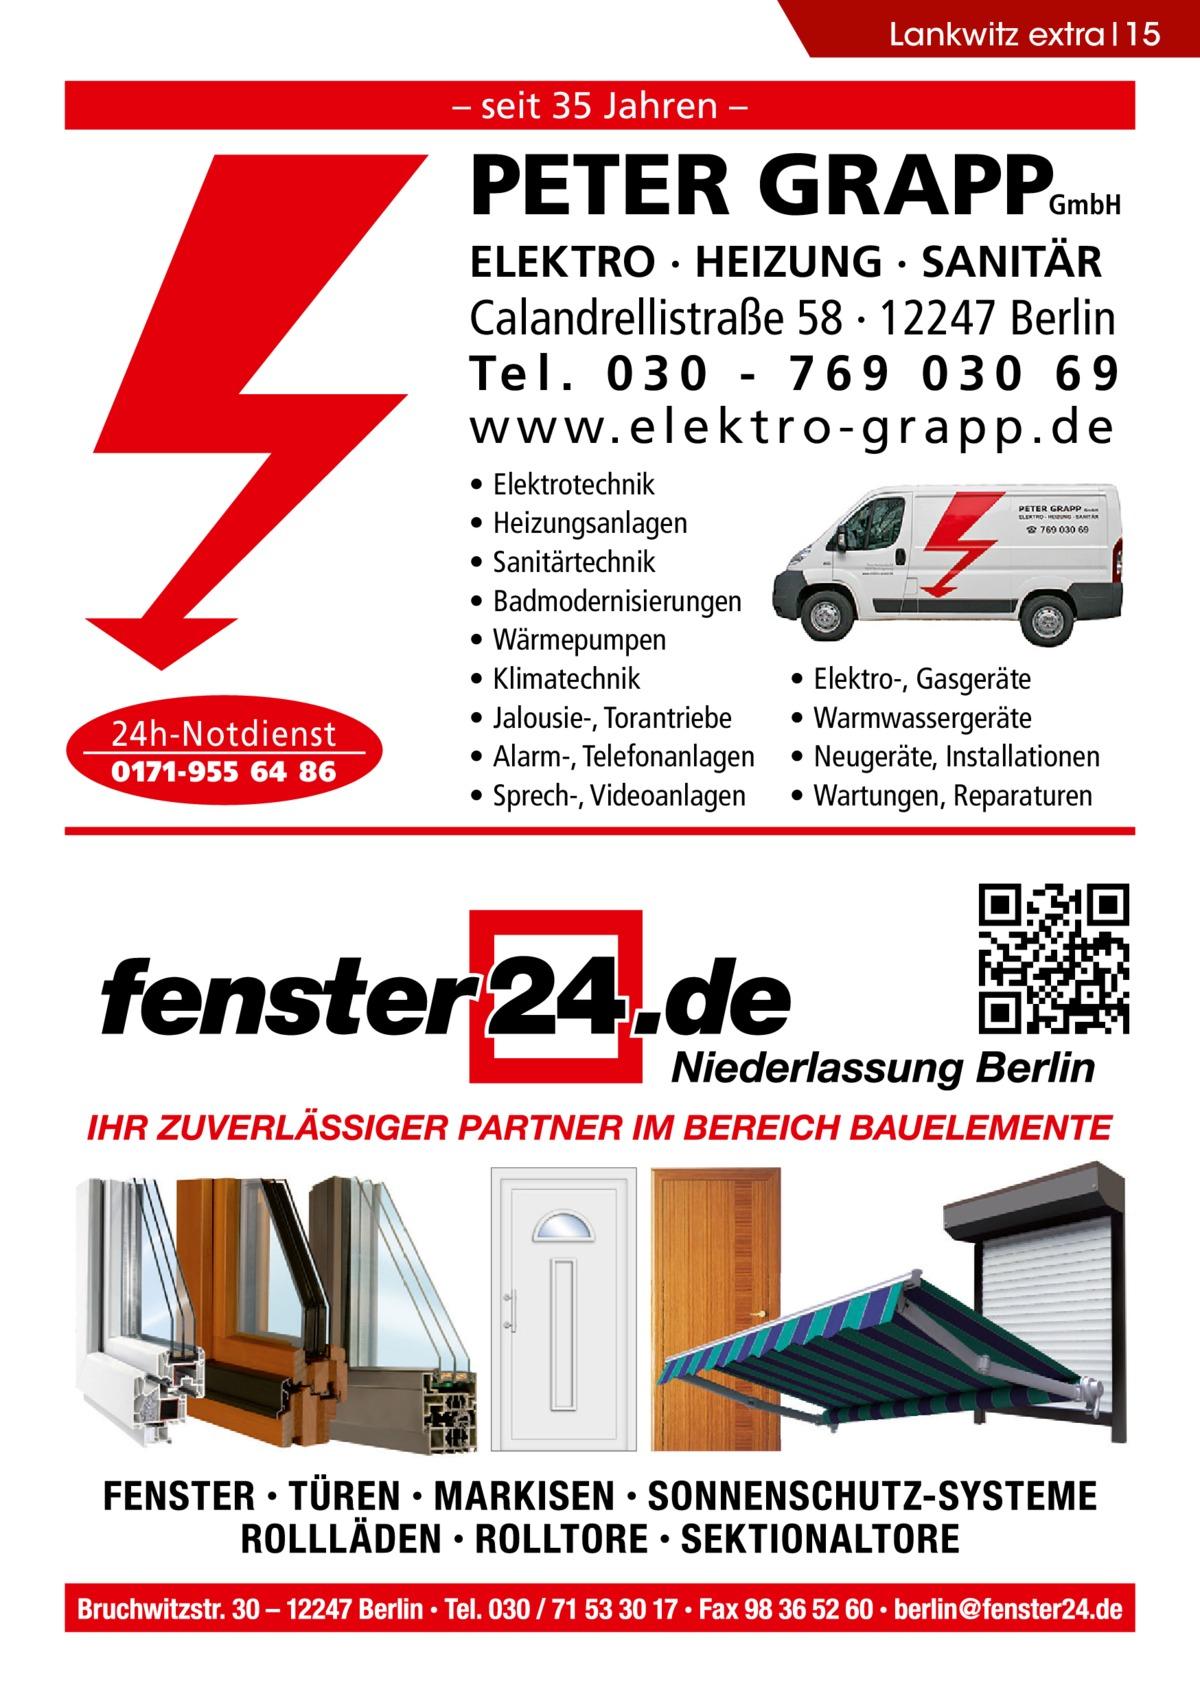 Lankwitz extra 15  – seit 35 Jahren –  PETER GRAPP  GmbH  ELEKTRO · HEIZUNG · SANITÄR  Calandrellistraße 58 · 12247 Berlin Te l . 0 3 0 - 7 6 9 0 3 0 6 9 w w w. e l e k t r o - g r a p p . d e  24h-Notdienst 0171-955 64 86  • • • • • • • • •  Elektrotechnik Heizungsanlagen Sanitärtechnik Badmodernisierungen Wärmepumpen Klimatechnik Jalousie-, Torantriebe Alarm-, Telefonanlagen Sprech-, Videoanlagen  • • • •  Elektro-, Gasgeräte Warmwassergeräte Neugeräte, Installationen Wartungen, Reparaturen